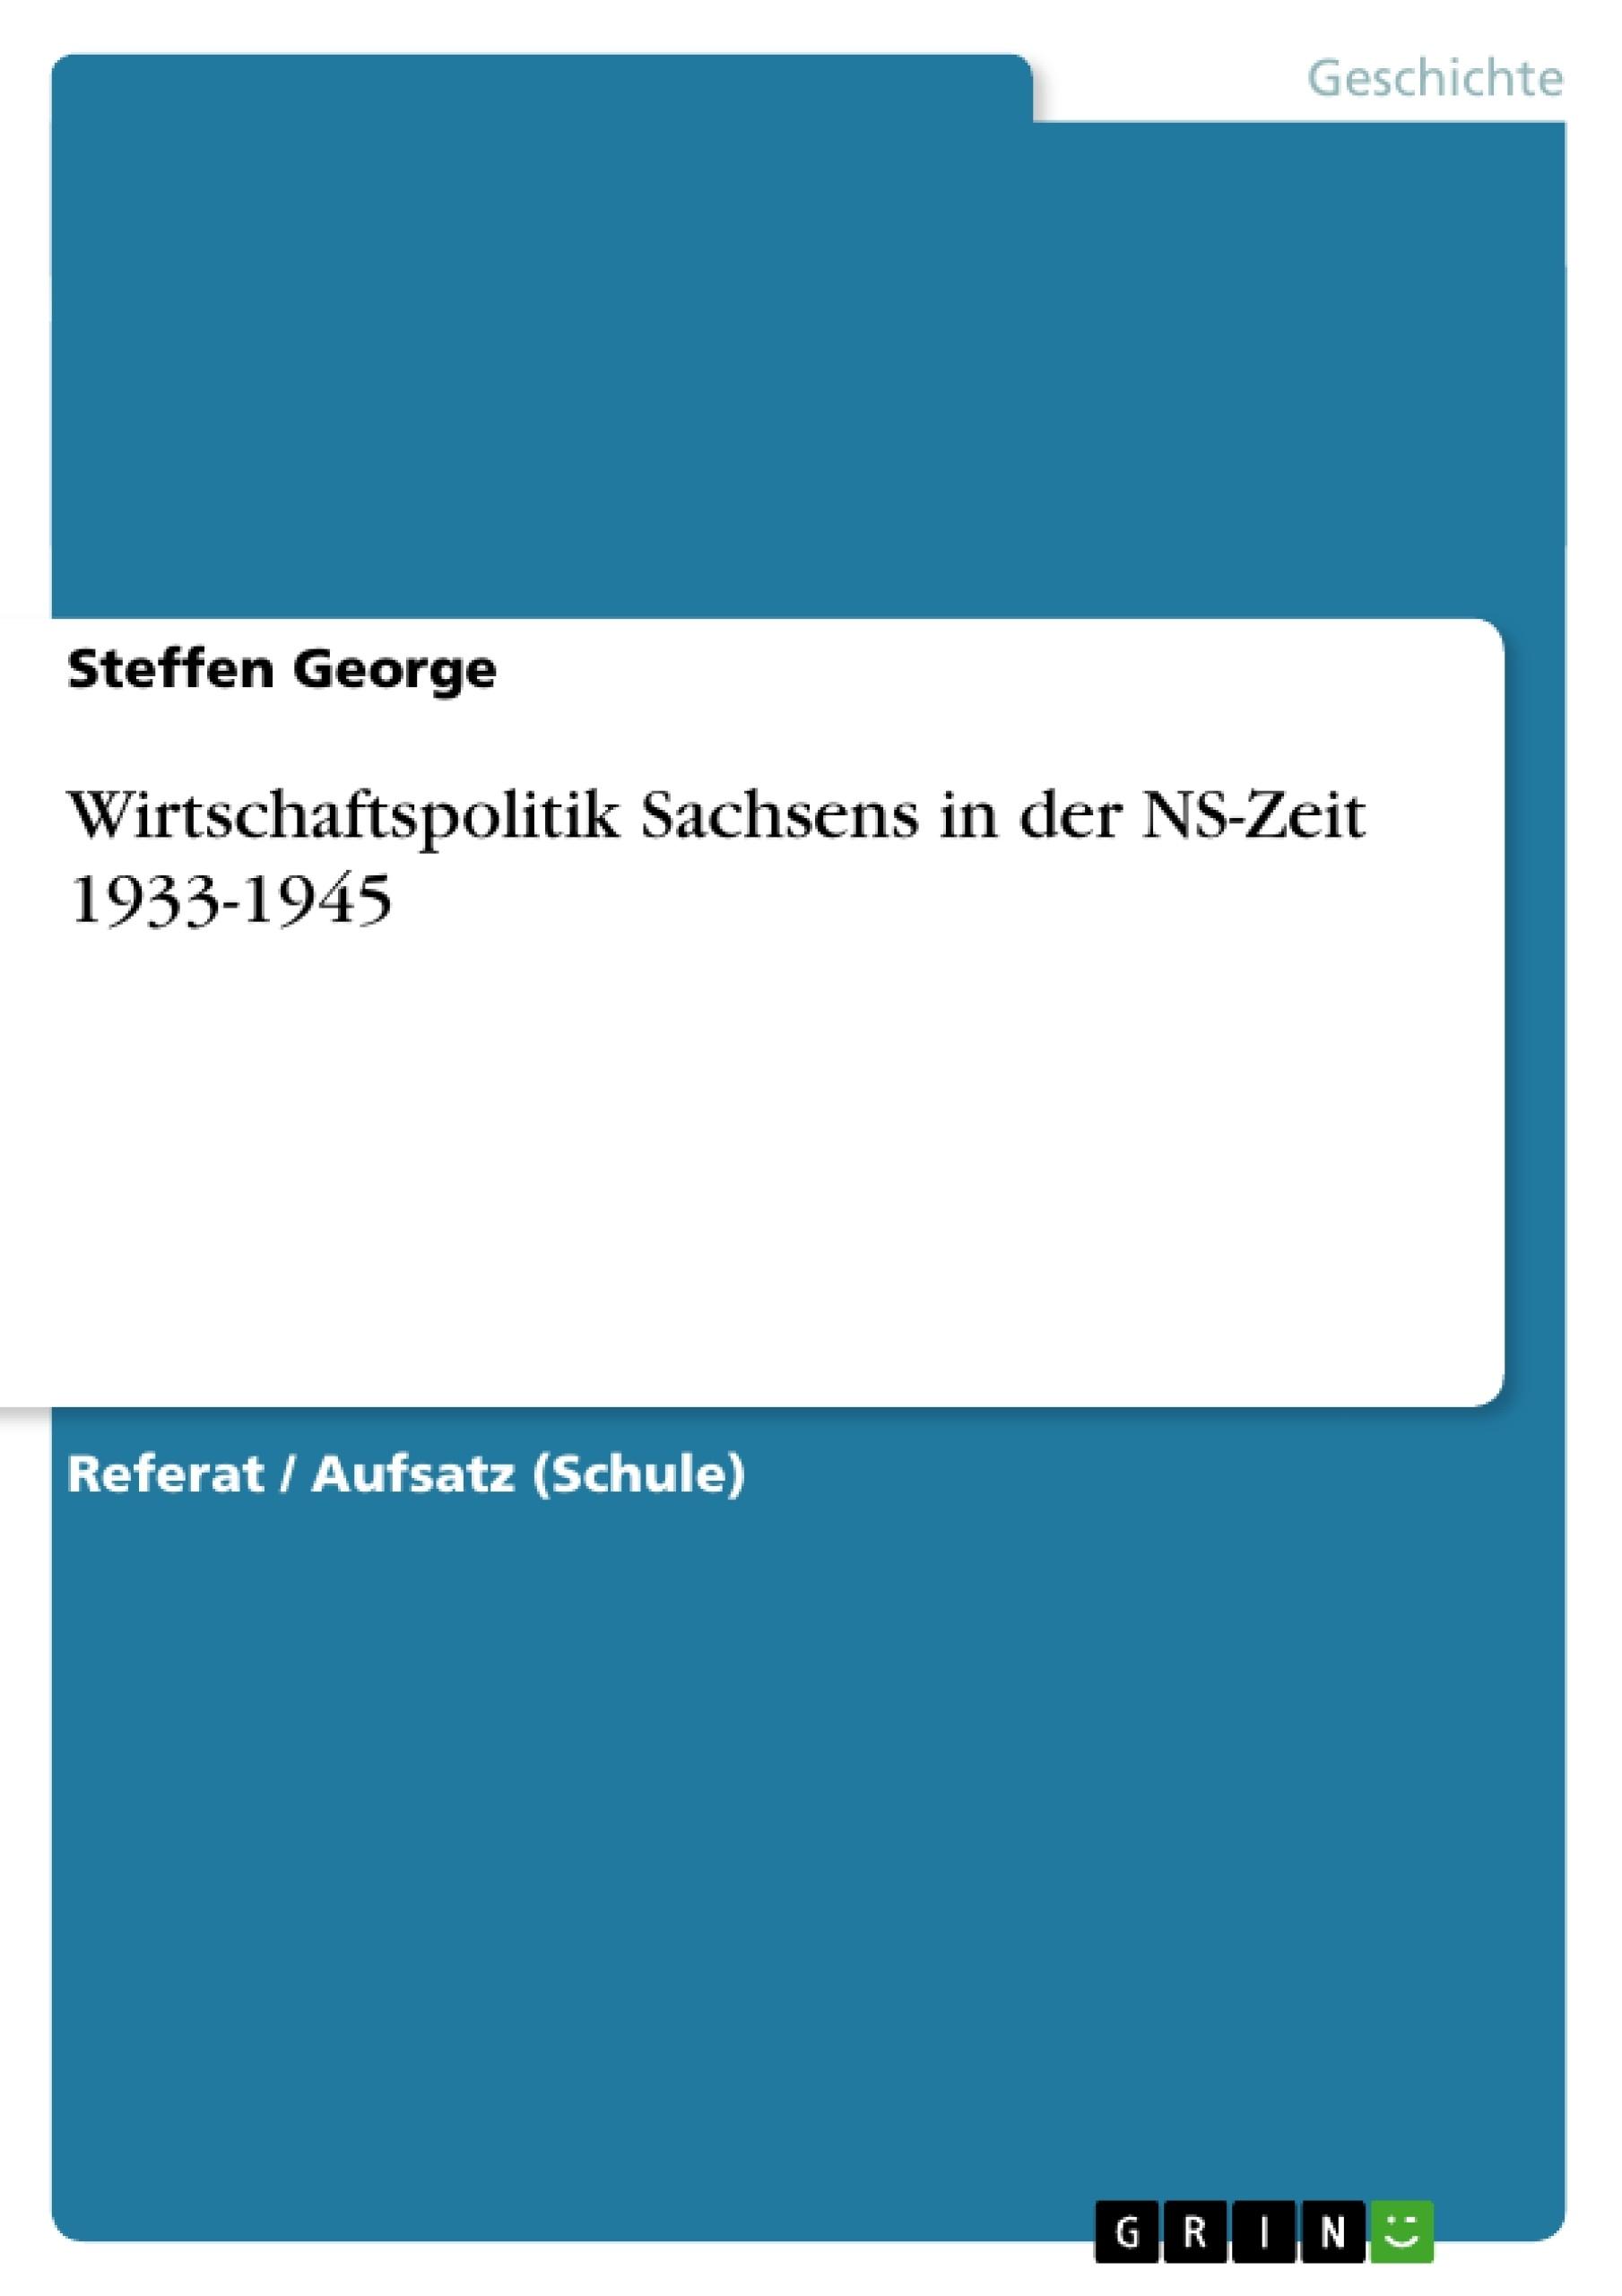 Titel: Wirtschaftspolitik Sachsens in der NS-Zeit 1933-1945